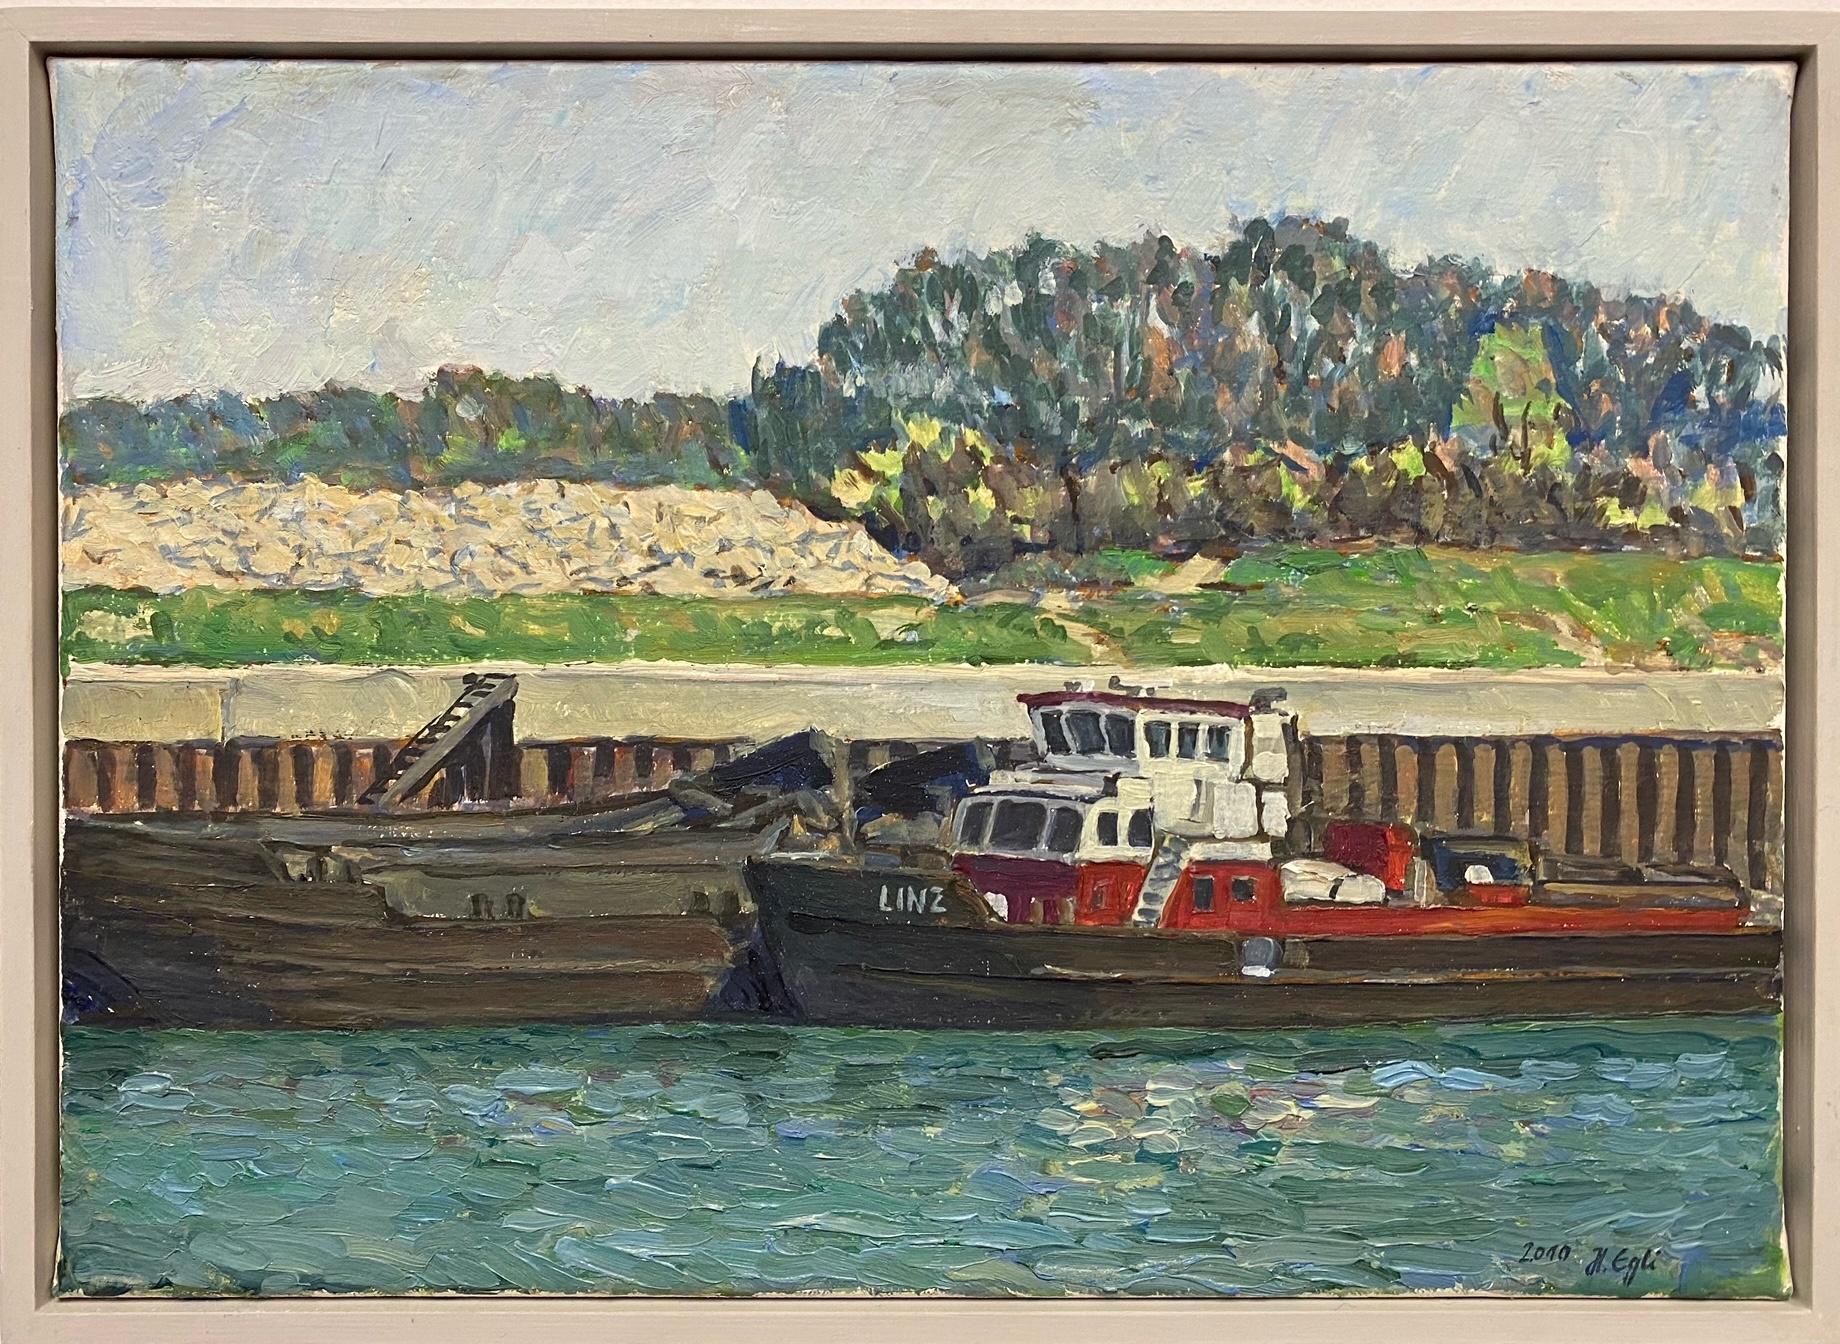 Egli_Freudenauer Hafen I, Öl auf Leinwand, 35 x 25 cm, 2010